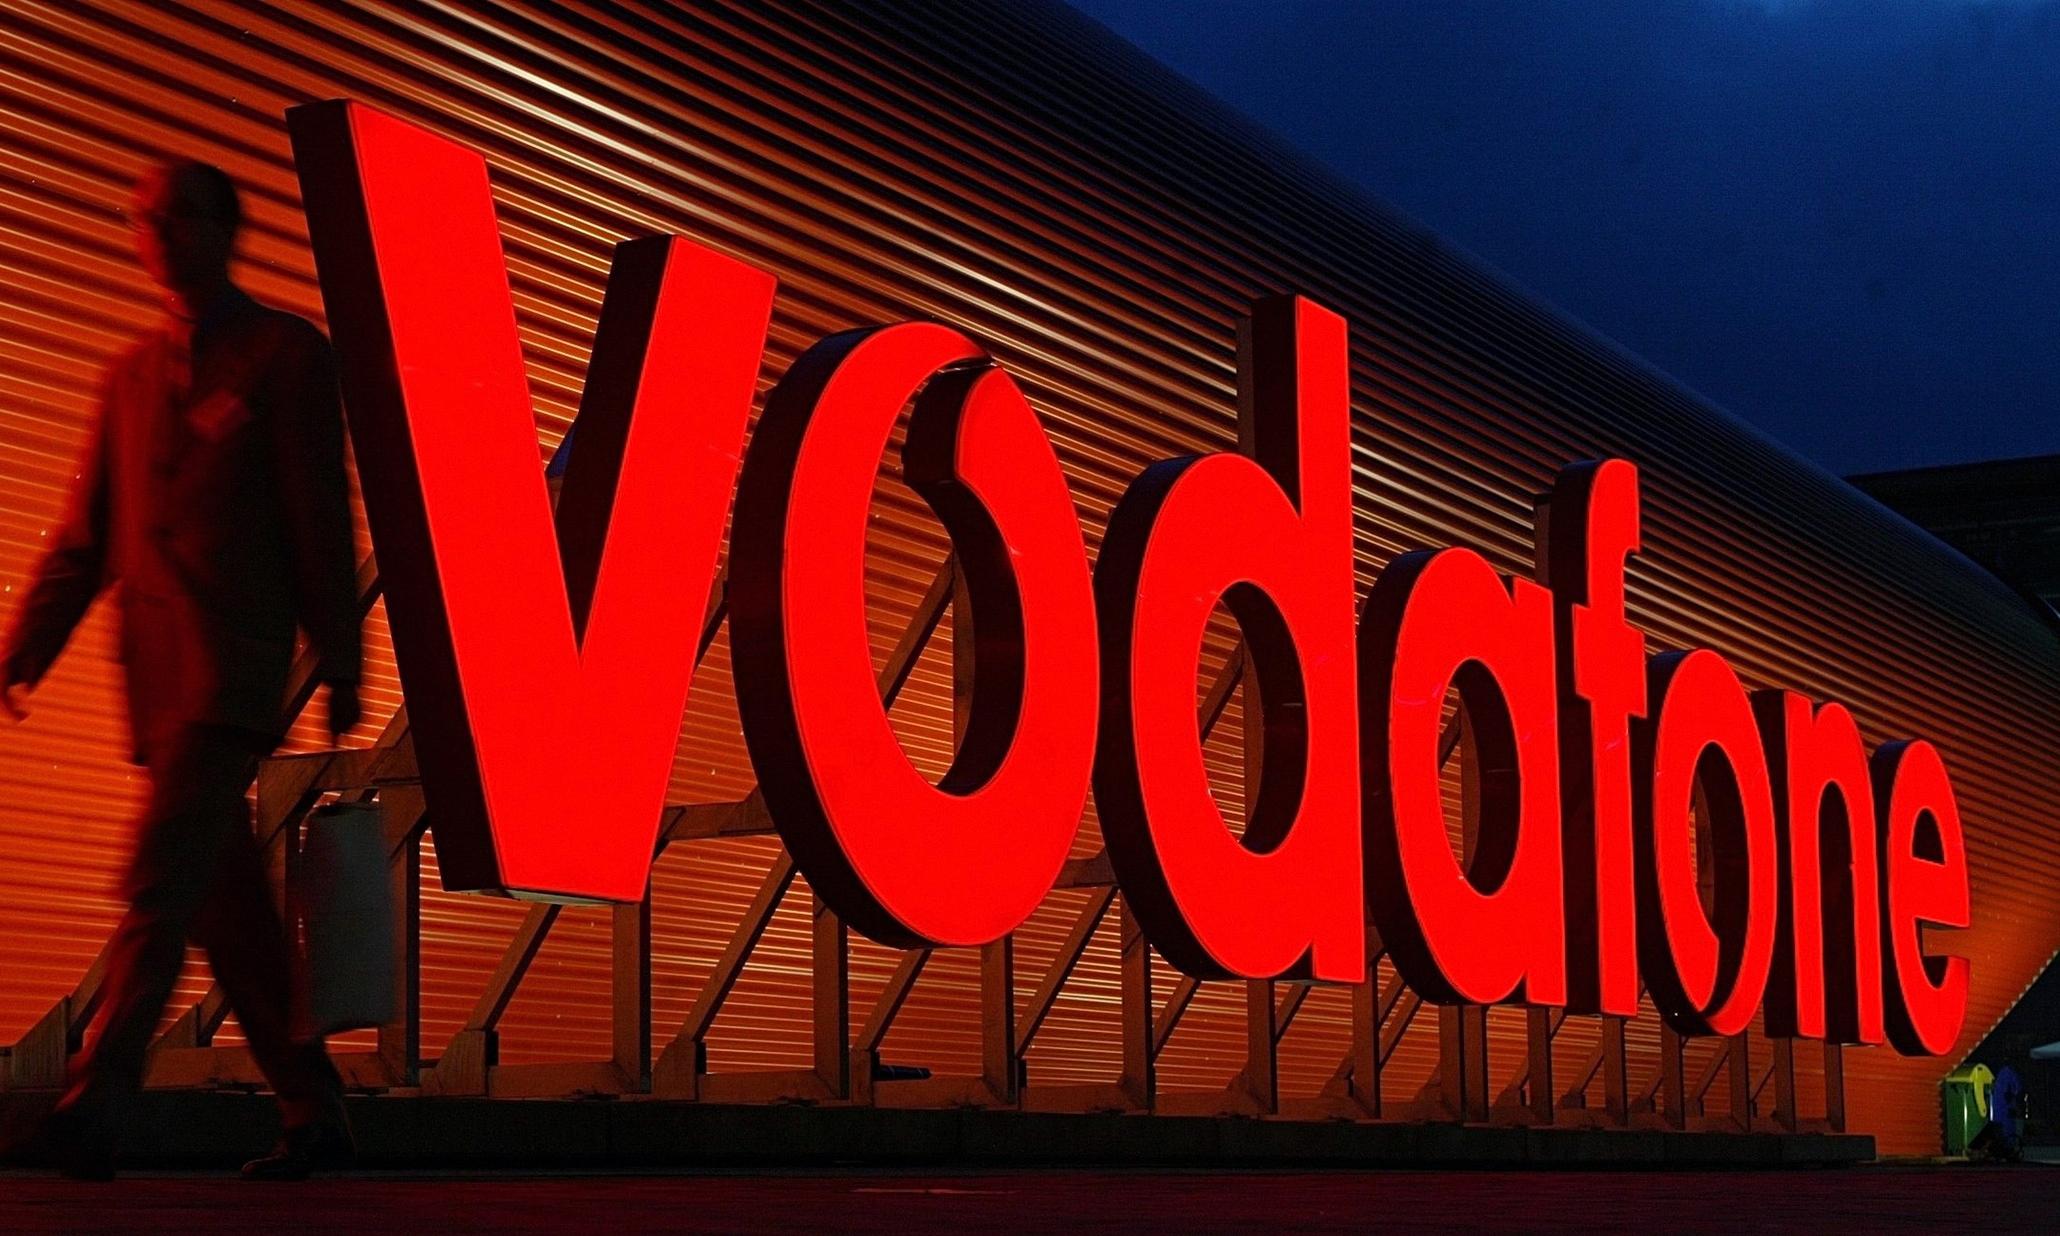 Vodafone slide